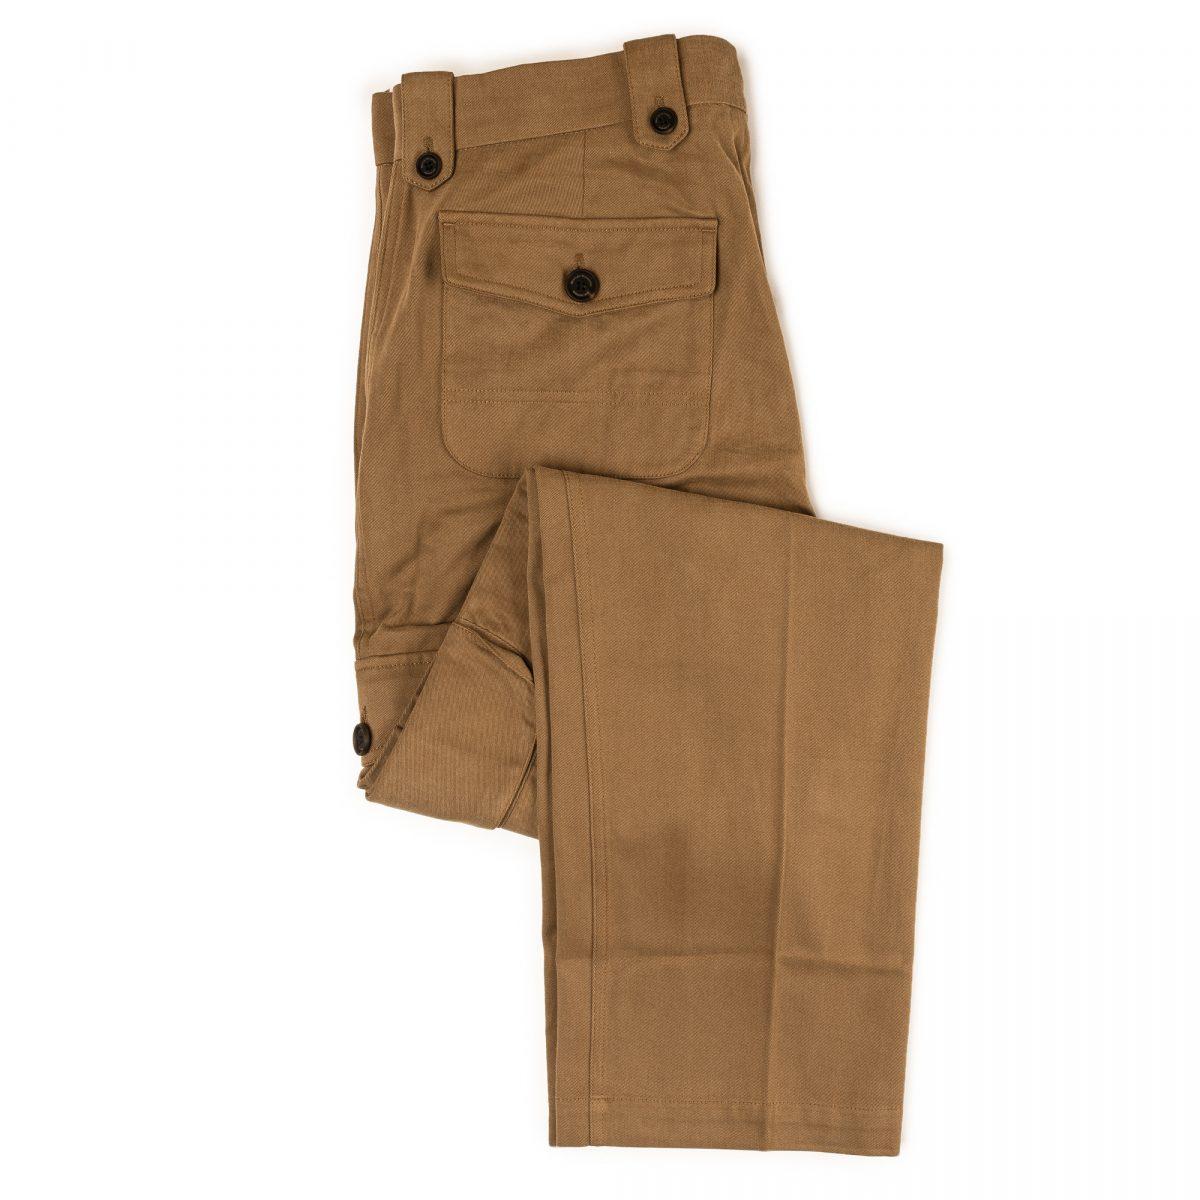 safari_trousers-1632-edit